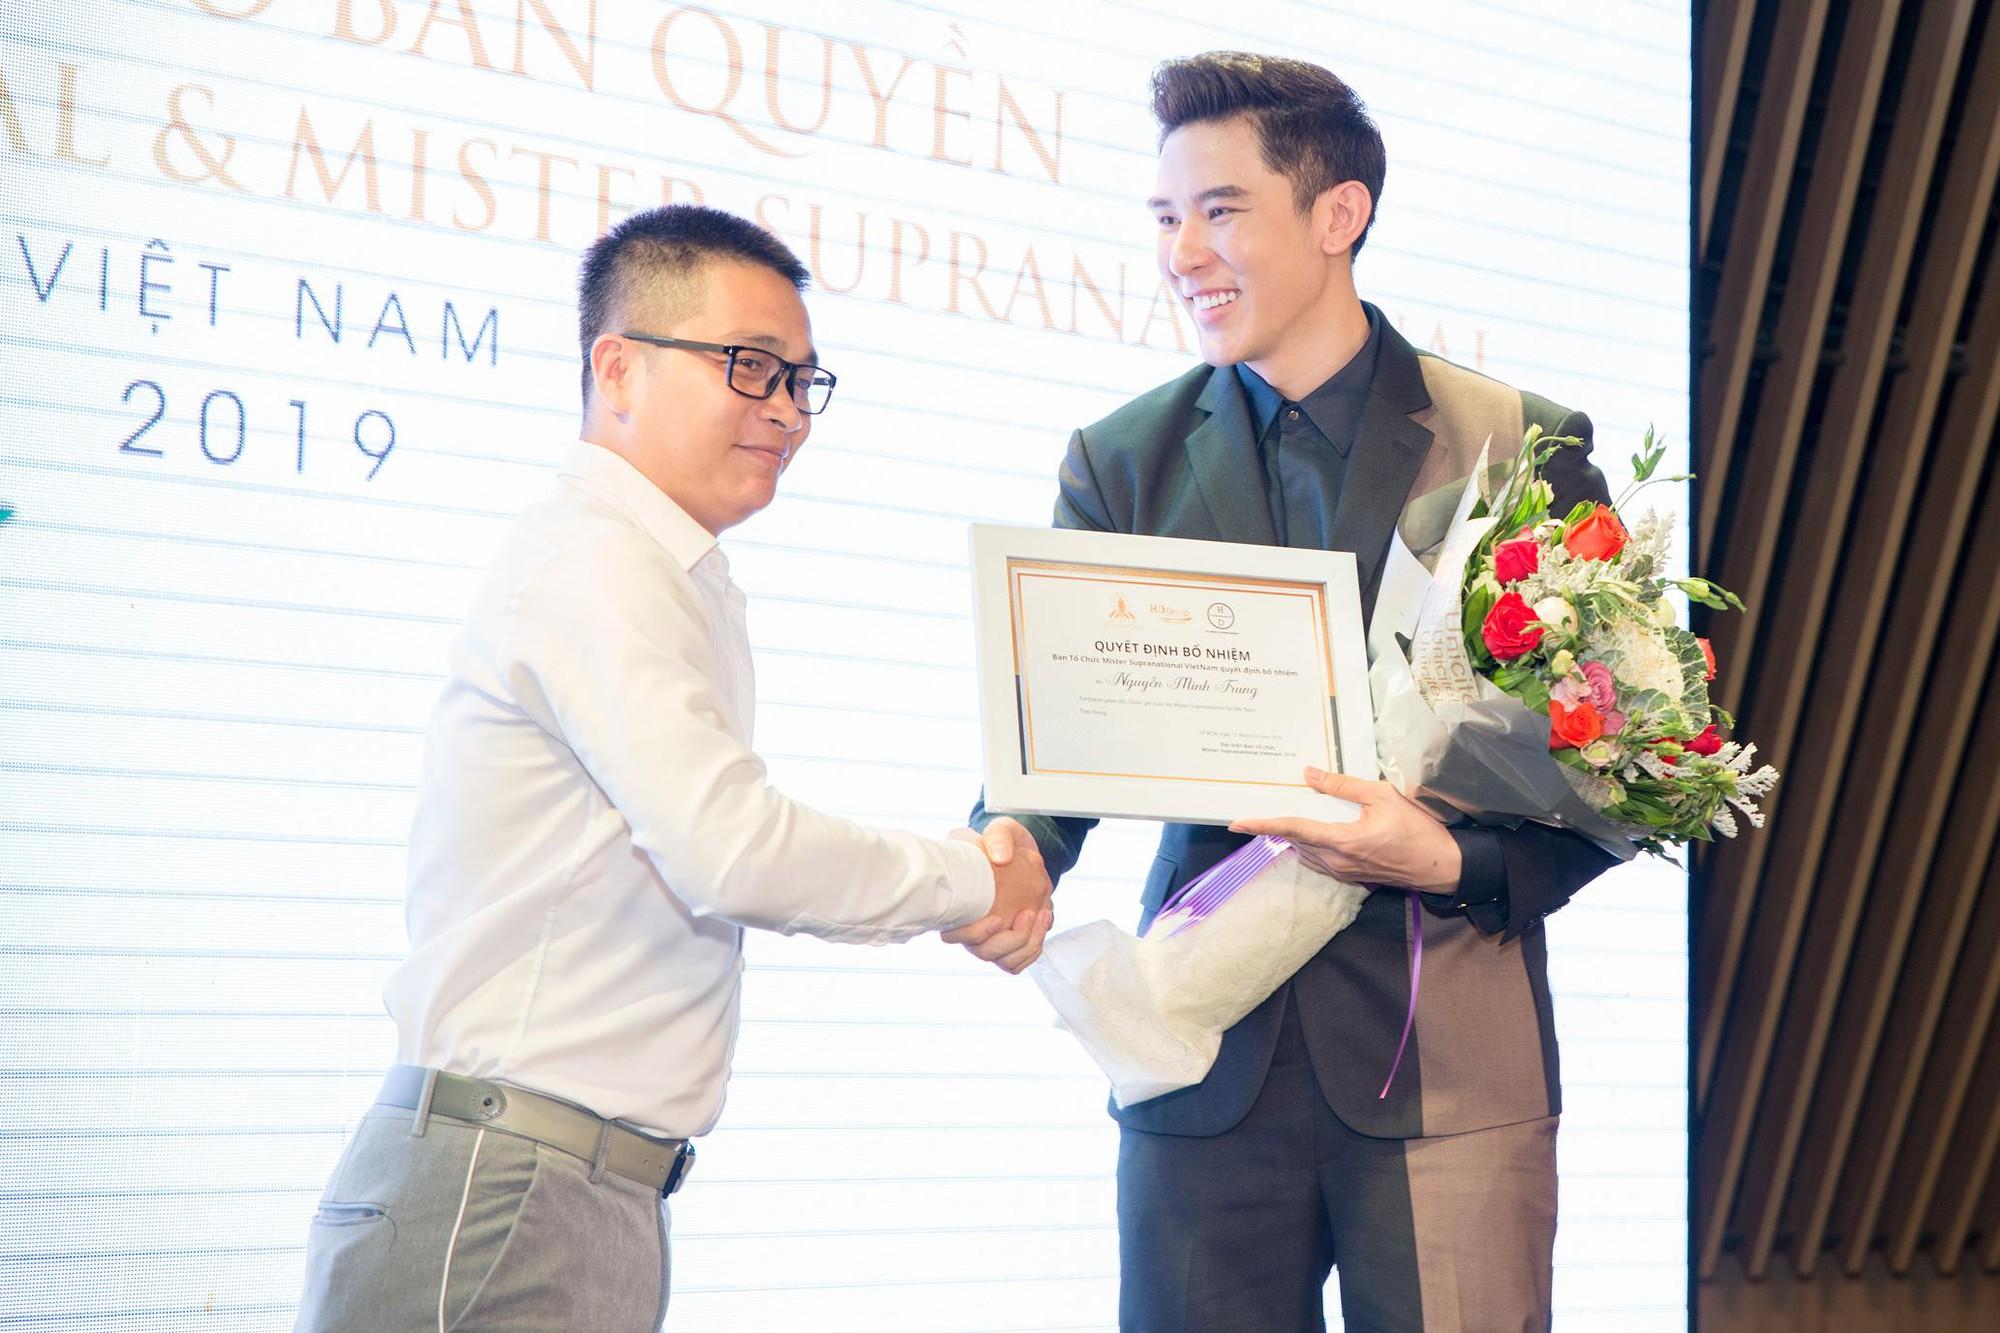 Siêu mẫu Minh Trung được bổ nhiệm làm giám đốc quốc gia Mister Supranational - Ảnh 1.